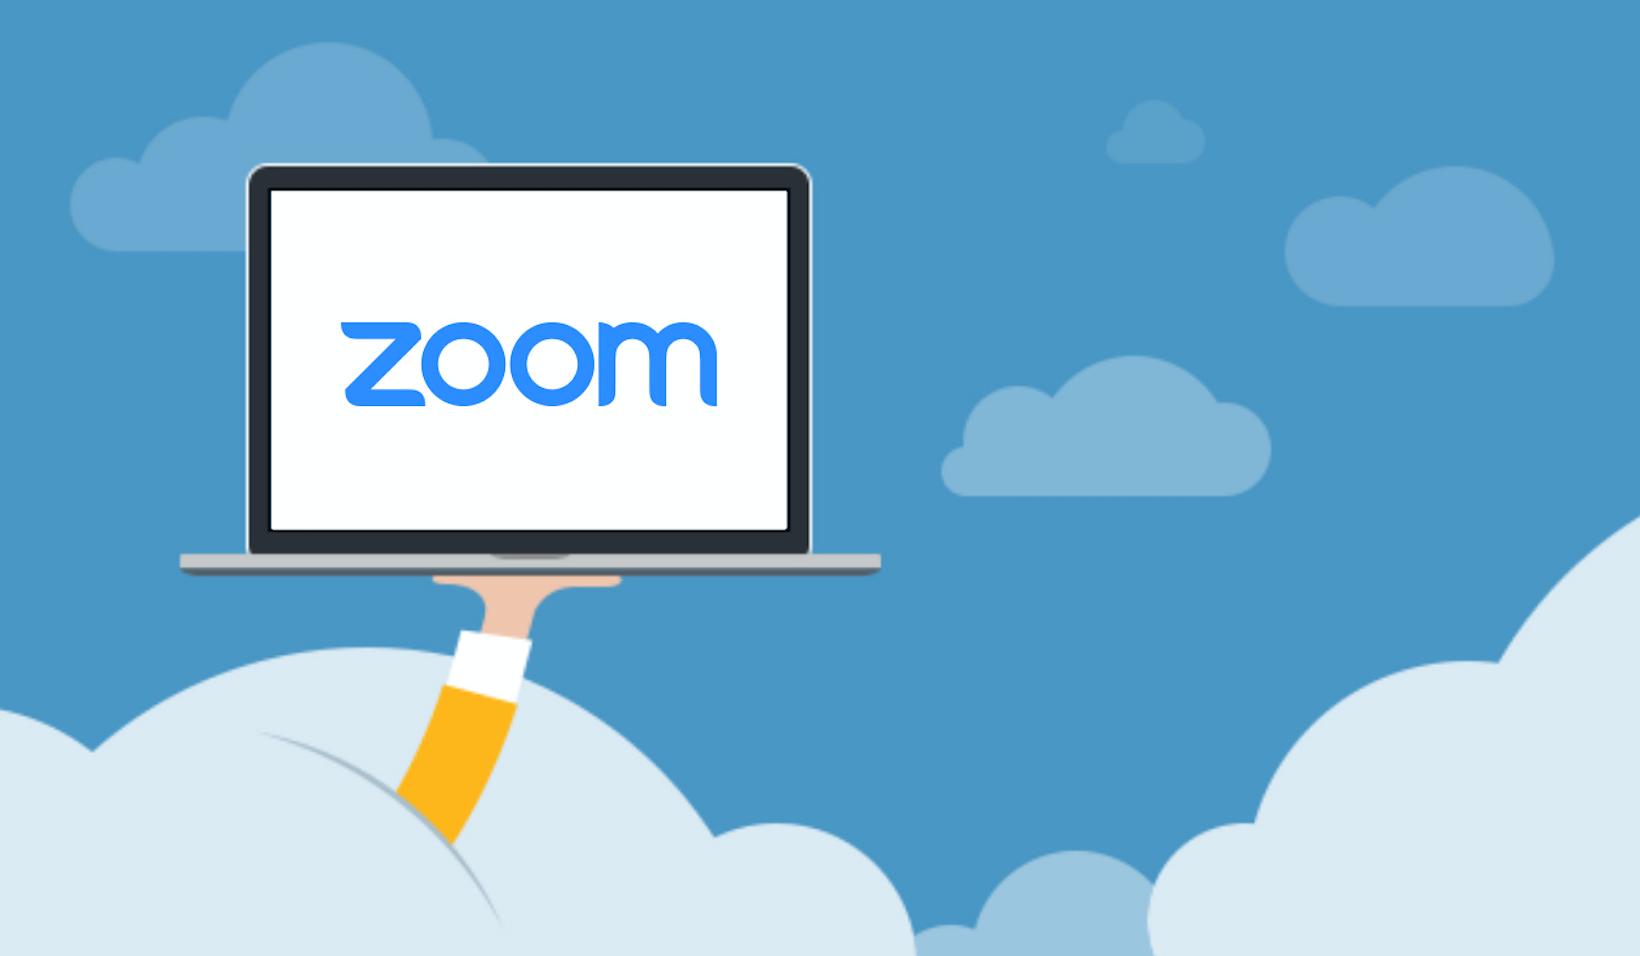 Zoom devient un champion de la visioconférence pendant le confinement